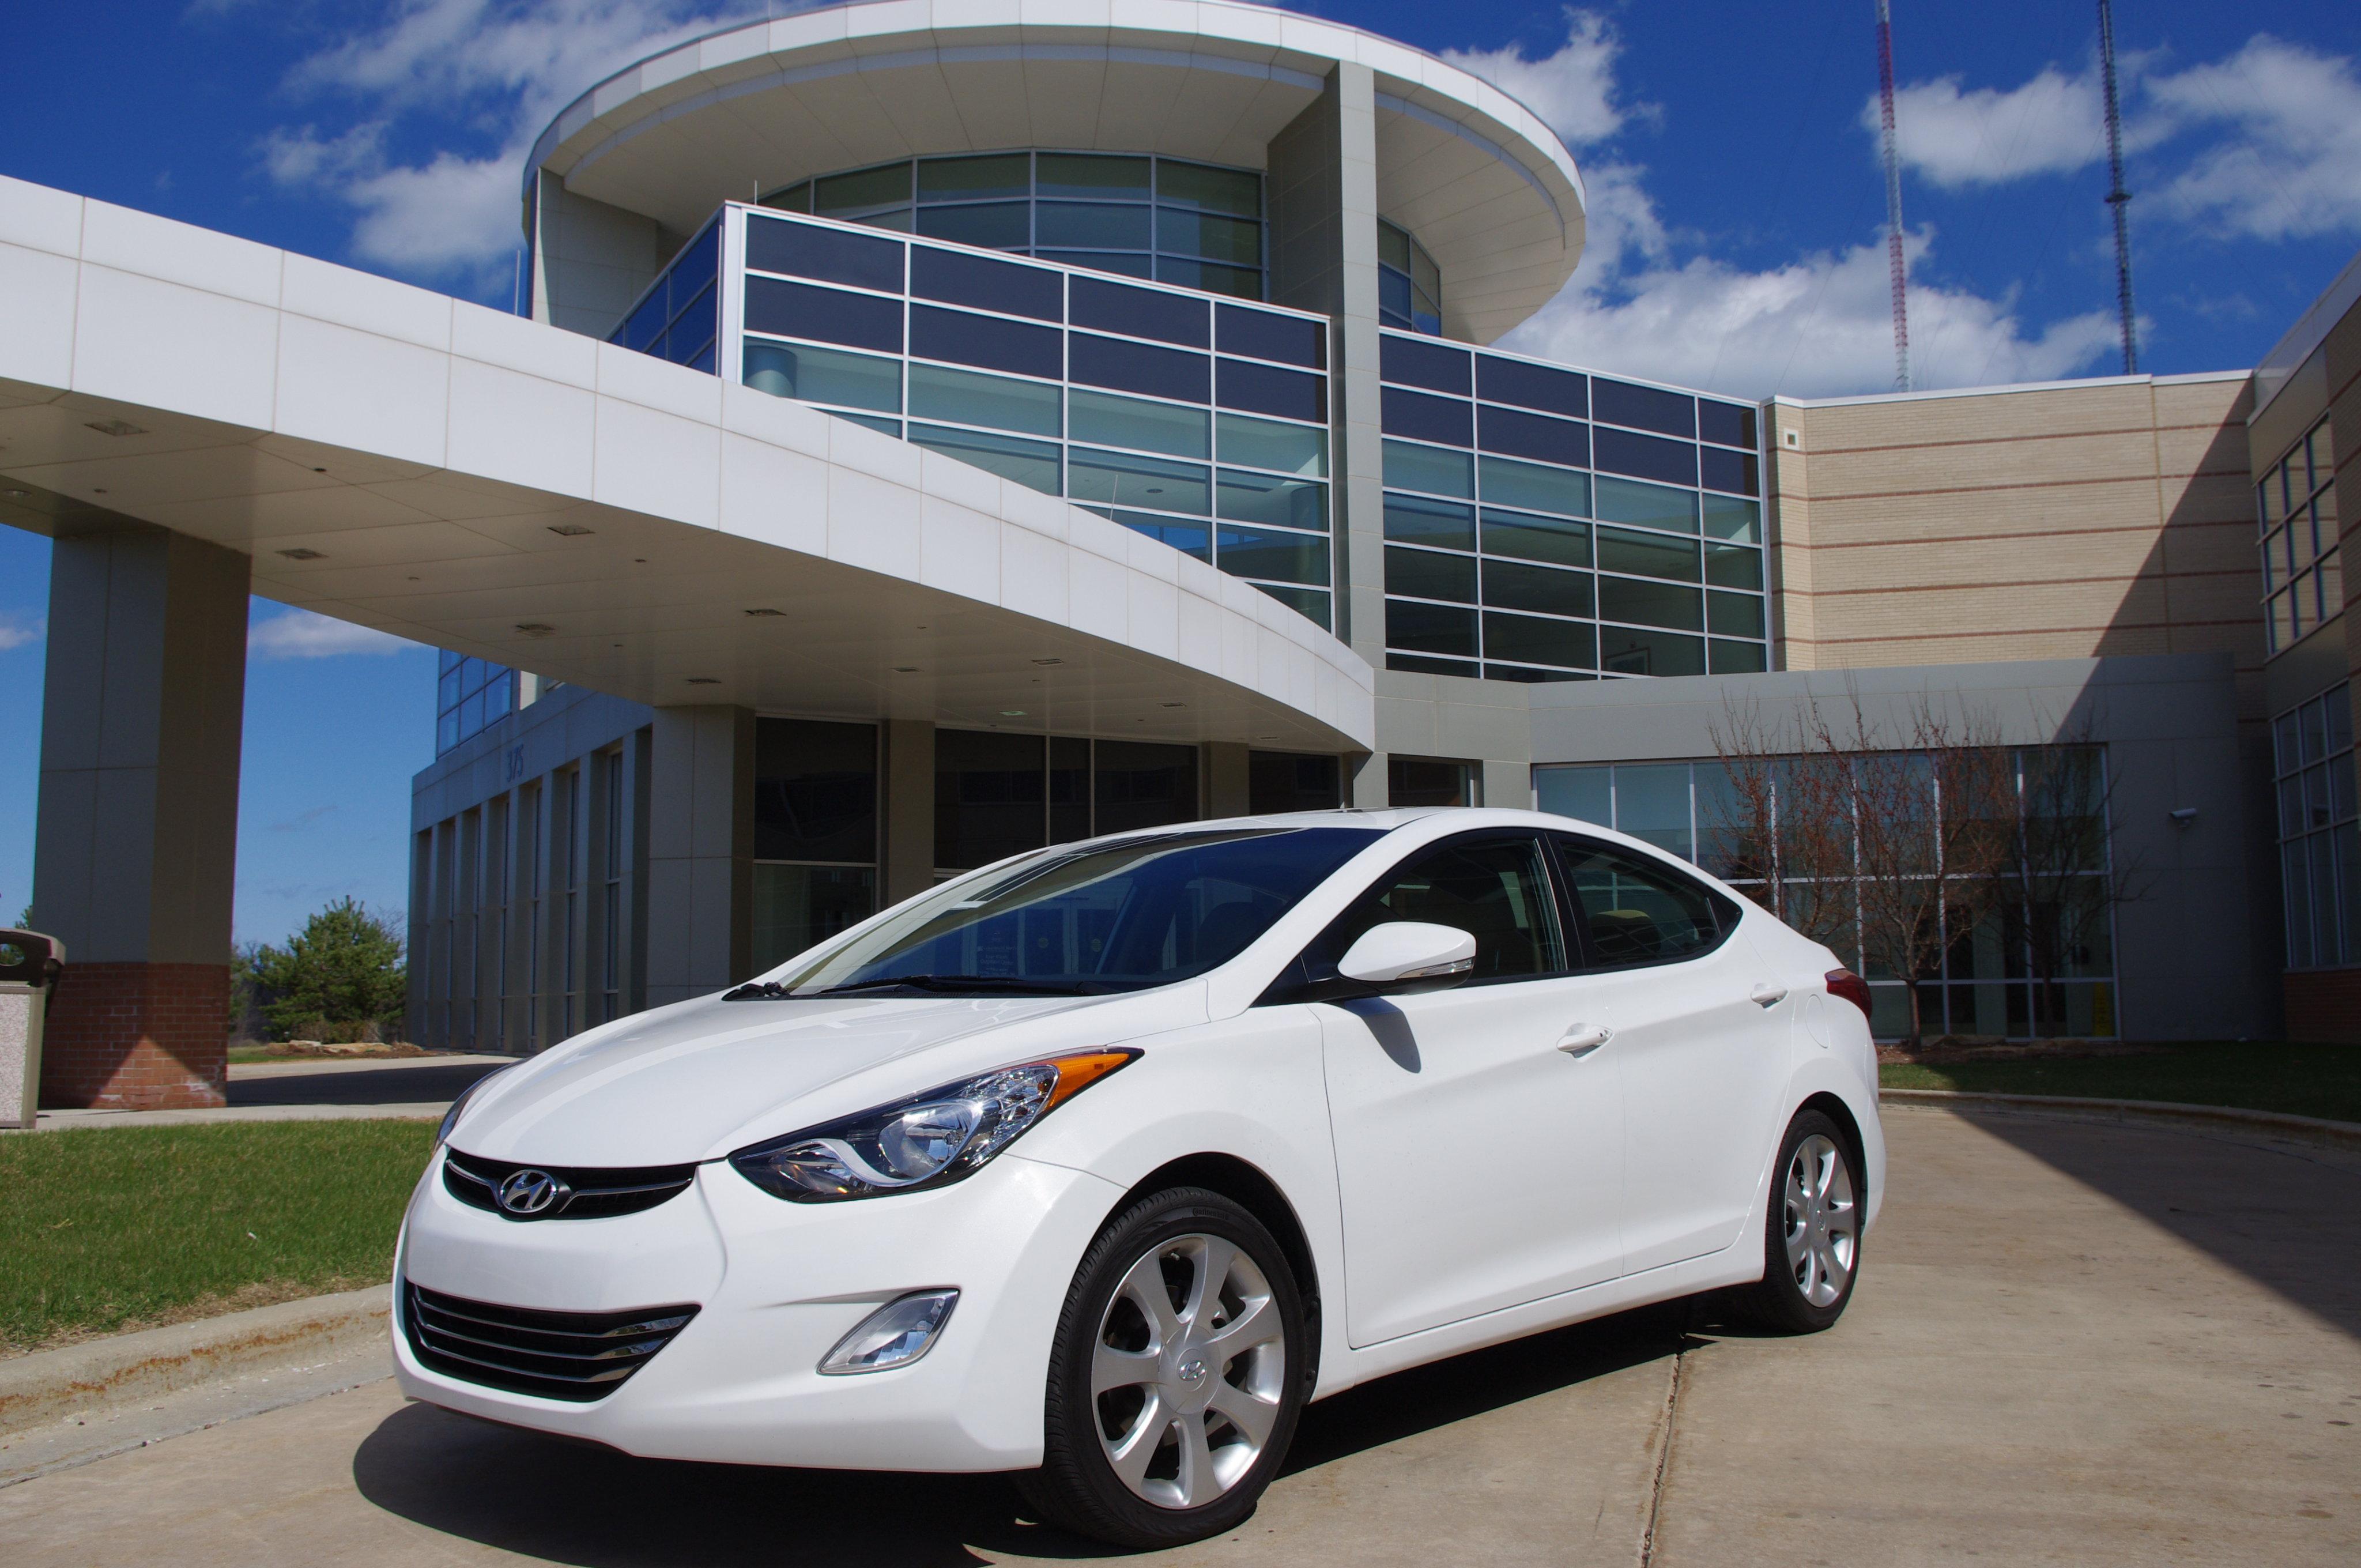 2012 Hyundai Elantra 2012 Ford Focus SFE Get 40 MPG RealWorld